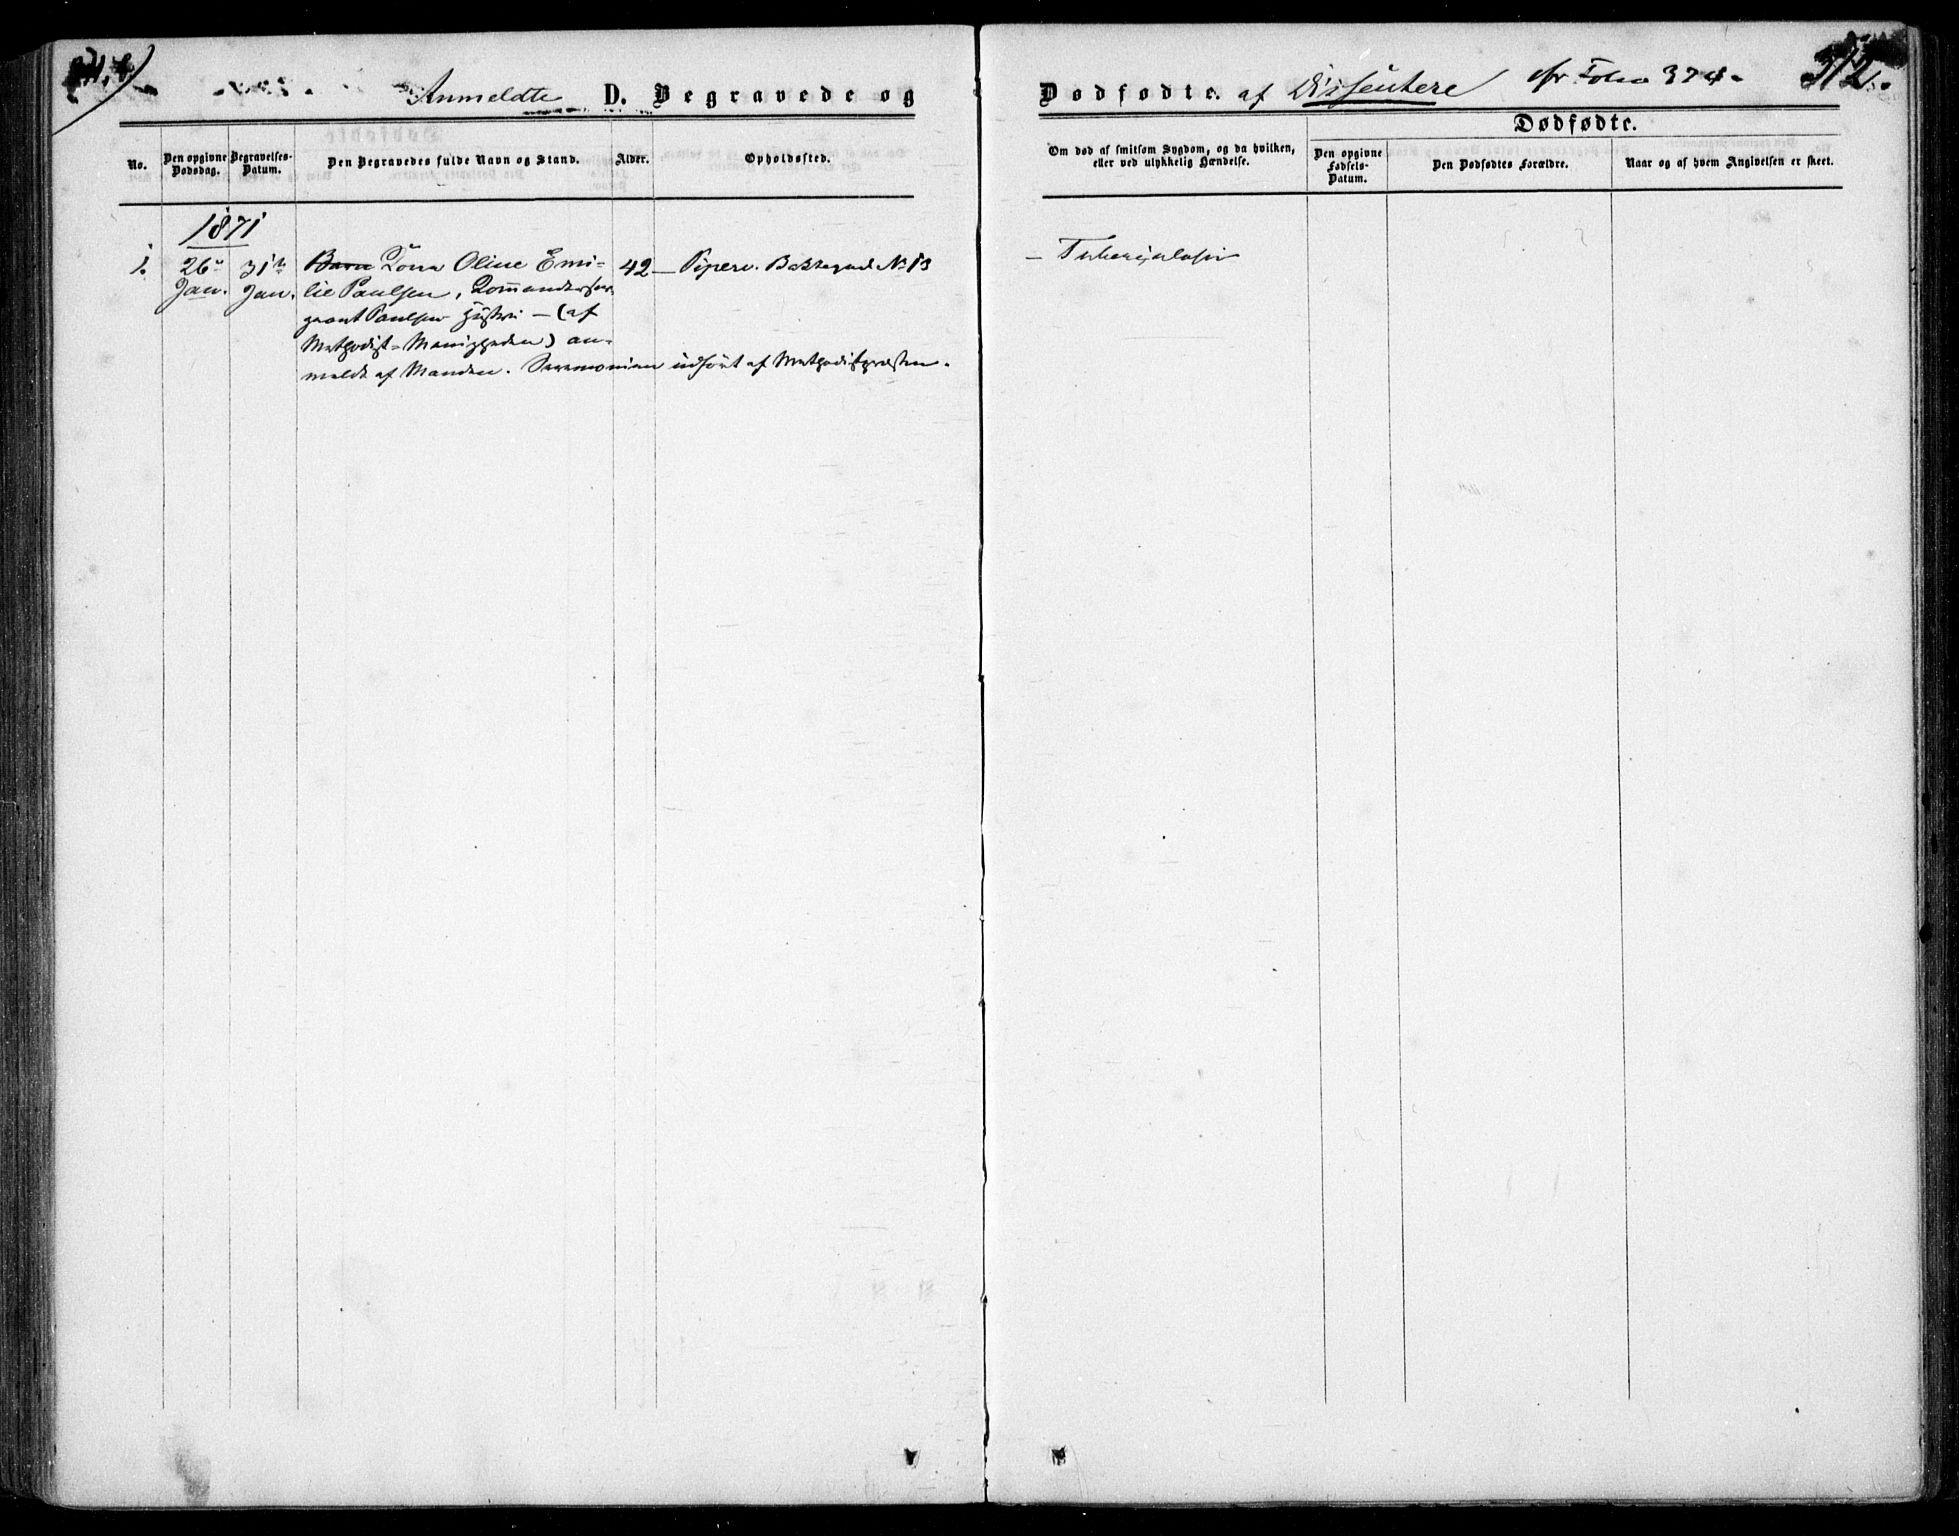 SAO, Garnisonsmenigheten Kirkebøker, F/Fa/L0011: Ministerialbok nr. 11, 1870-1880, s. 312